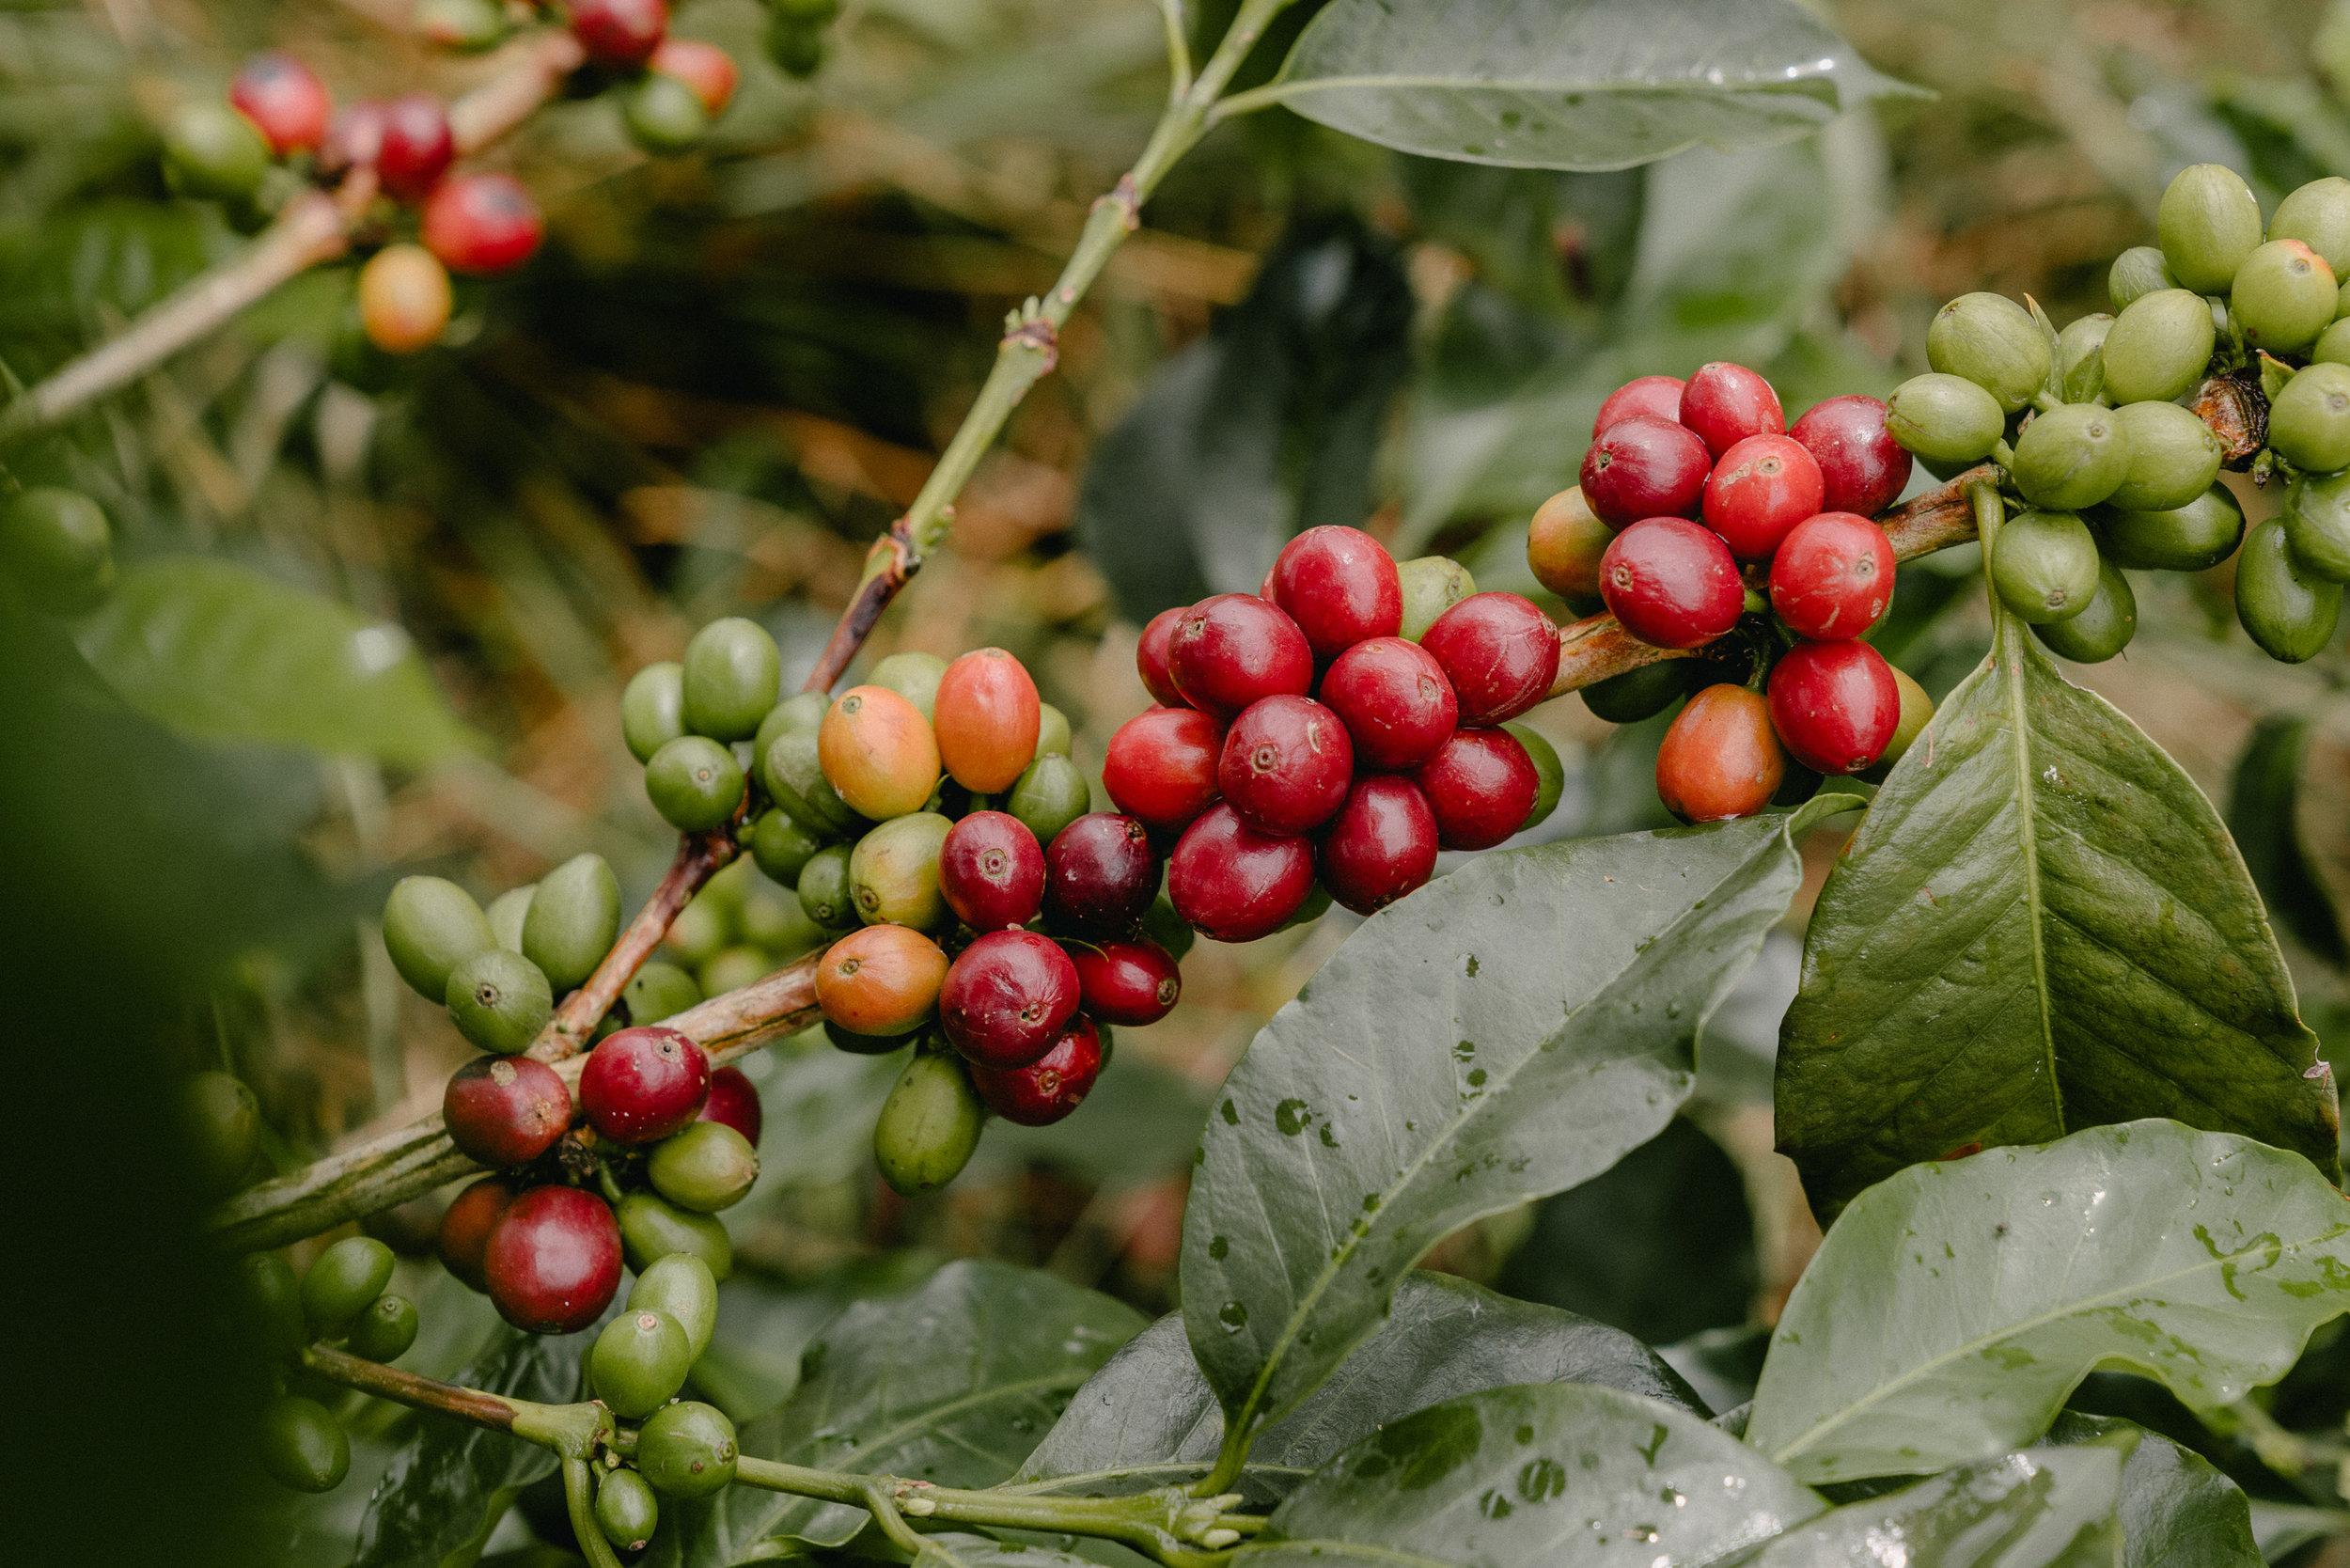 Emanuel-Hahn-Colombia-Coffee-Farmers-Huila-Manizales-Pagpropina-4.jpg